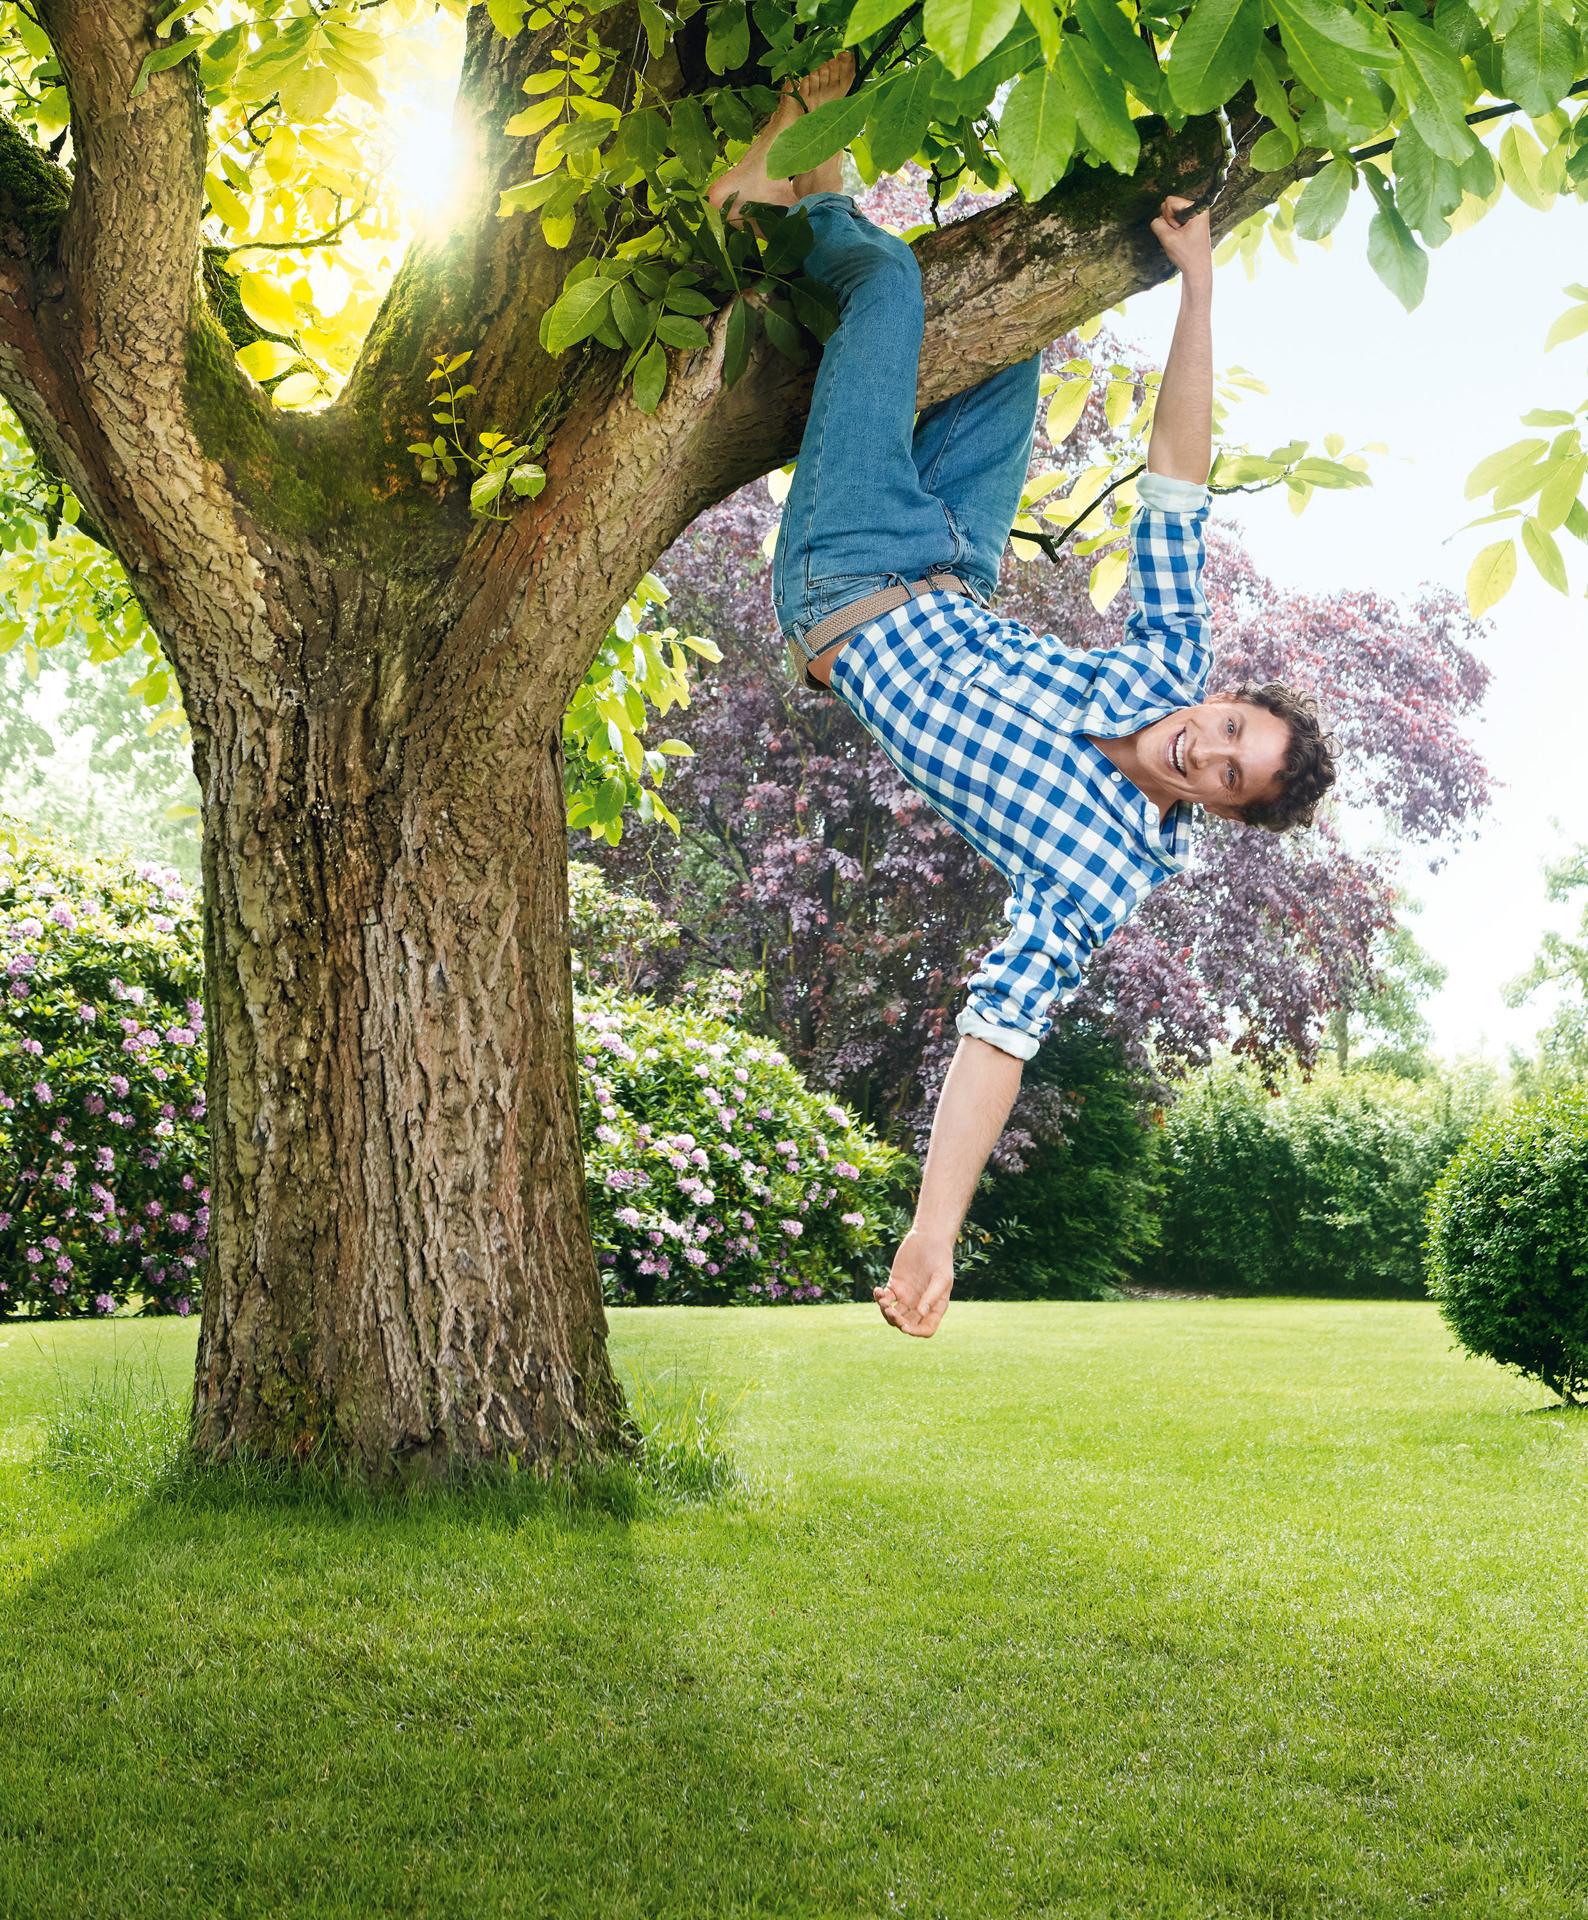 Kreative Ideen in Ihrem Garten